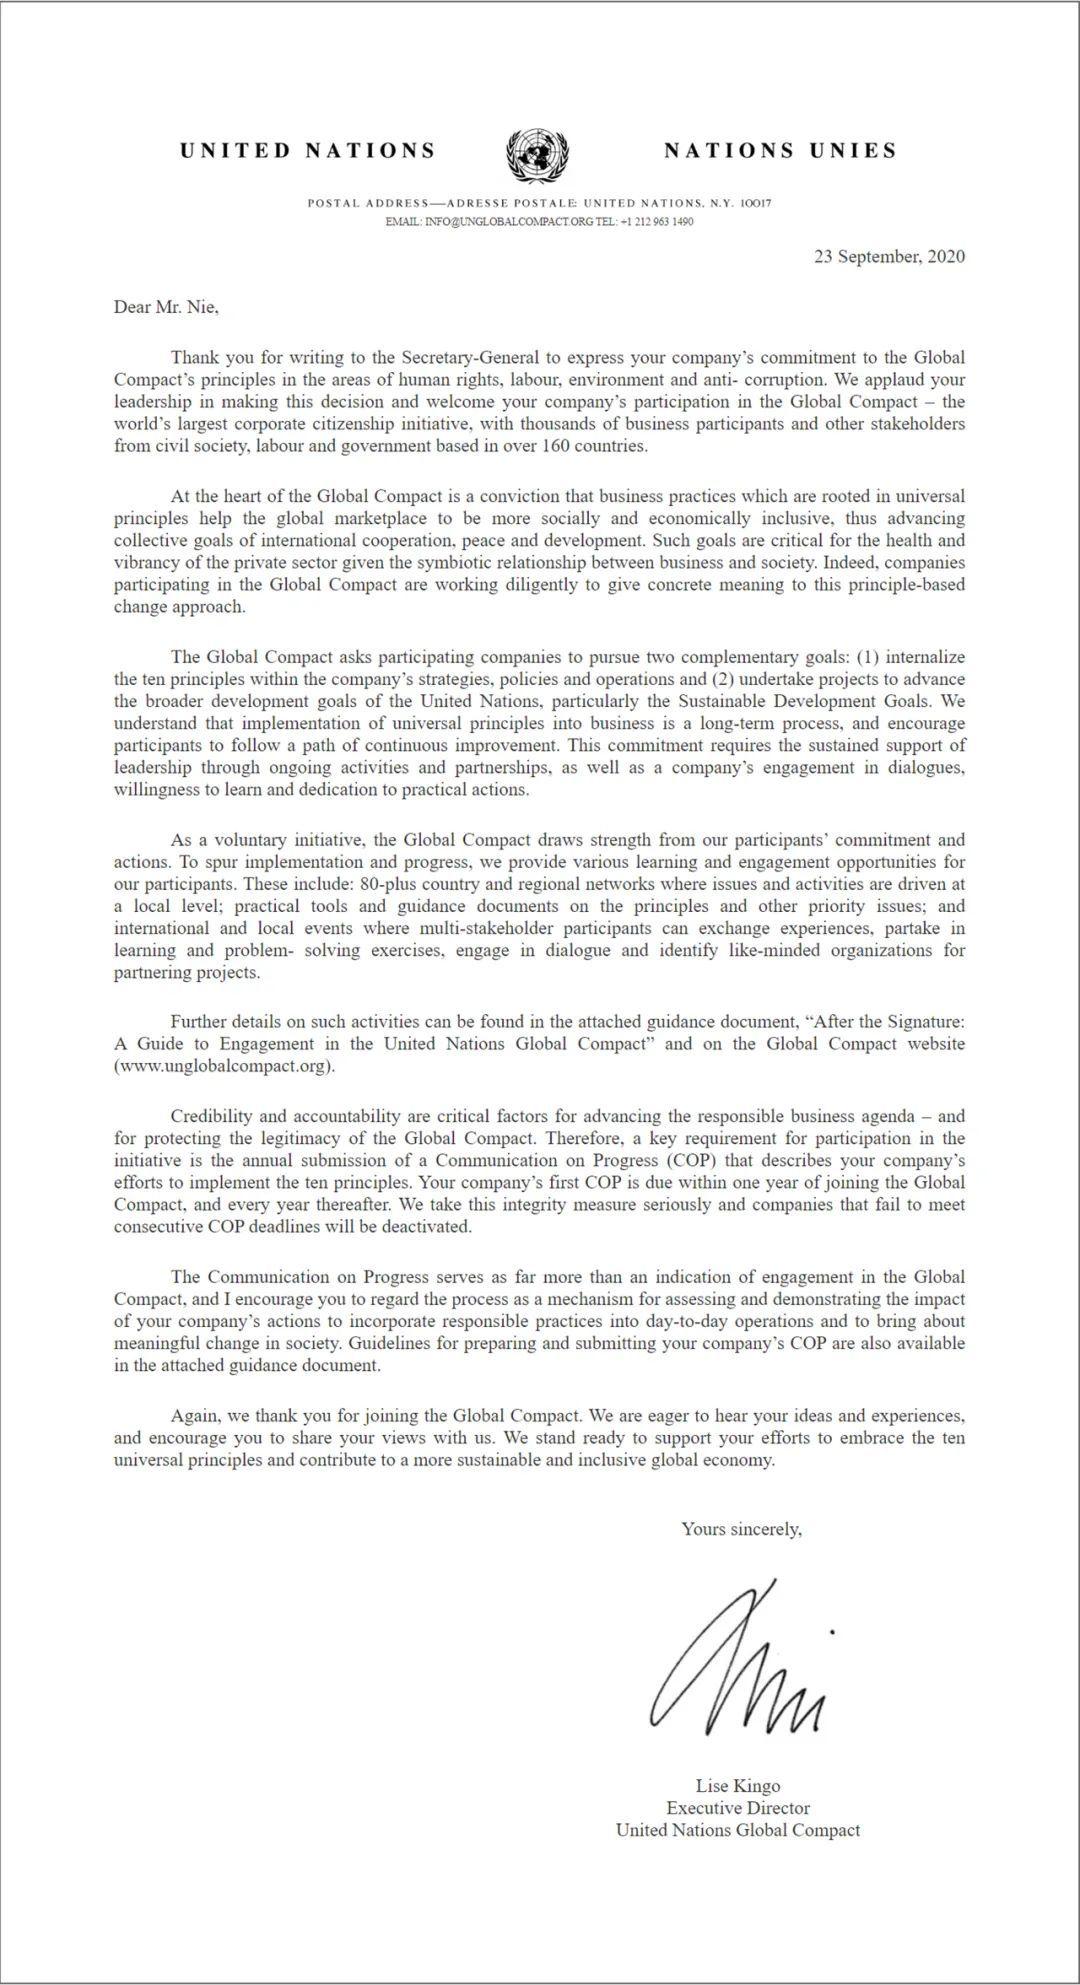 西人马公司成功加入联合国全球契约组织